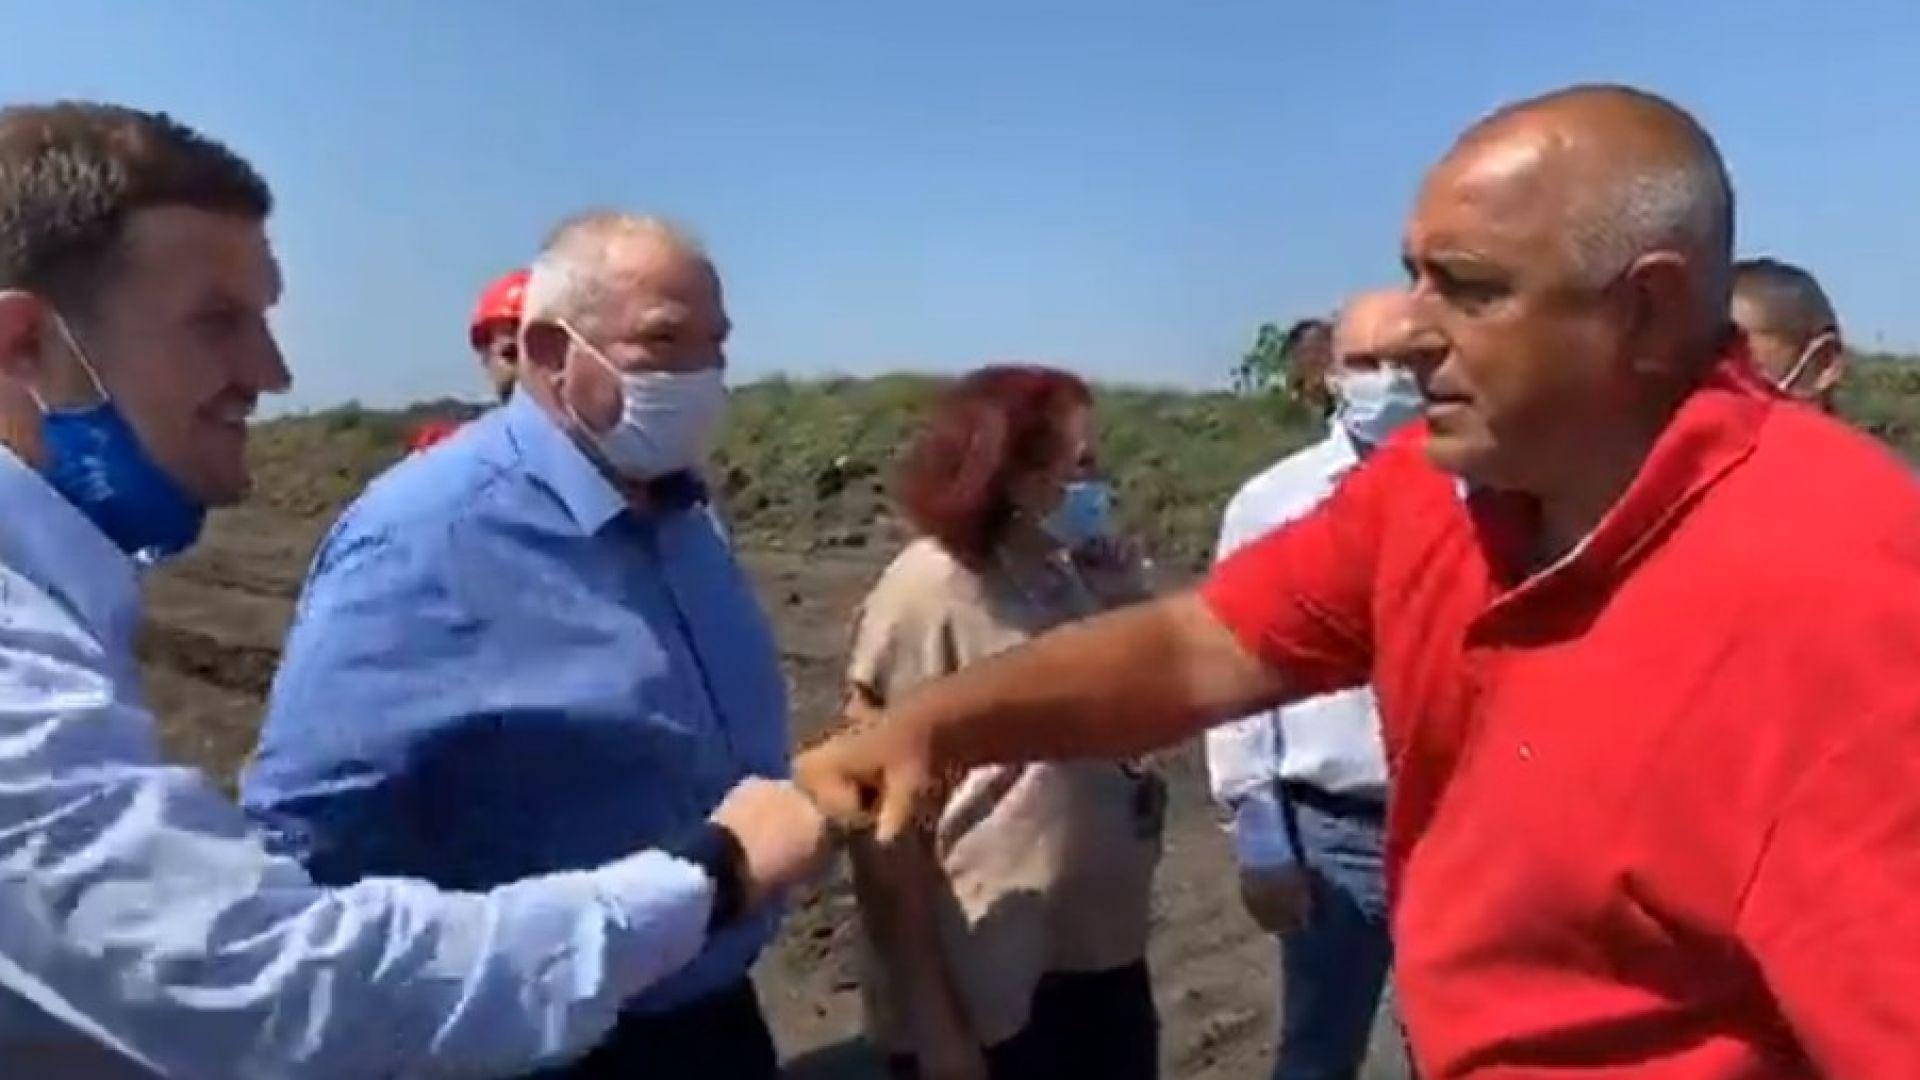 Борисов от джипа: Всички против диверсификацията призовават за оставка (видео)